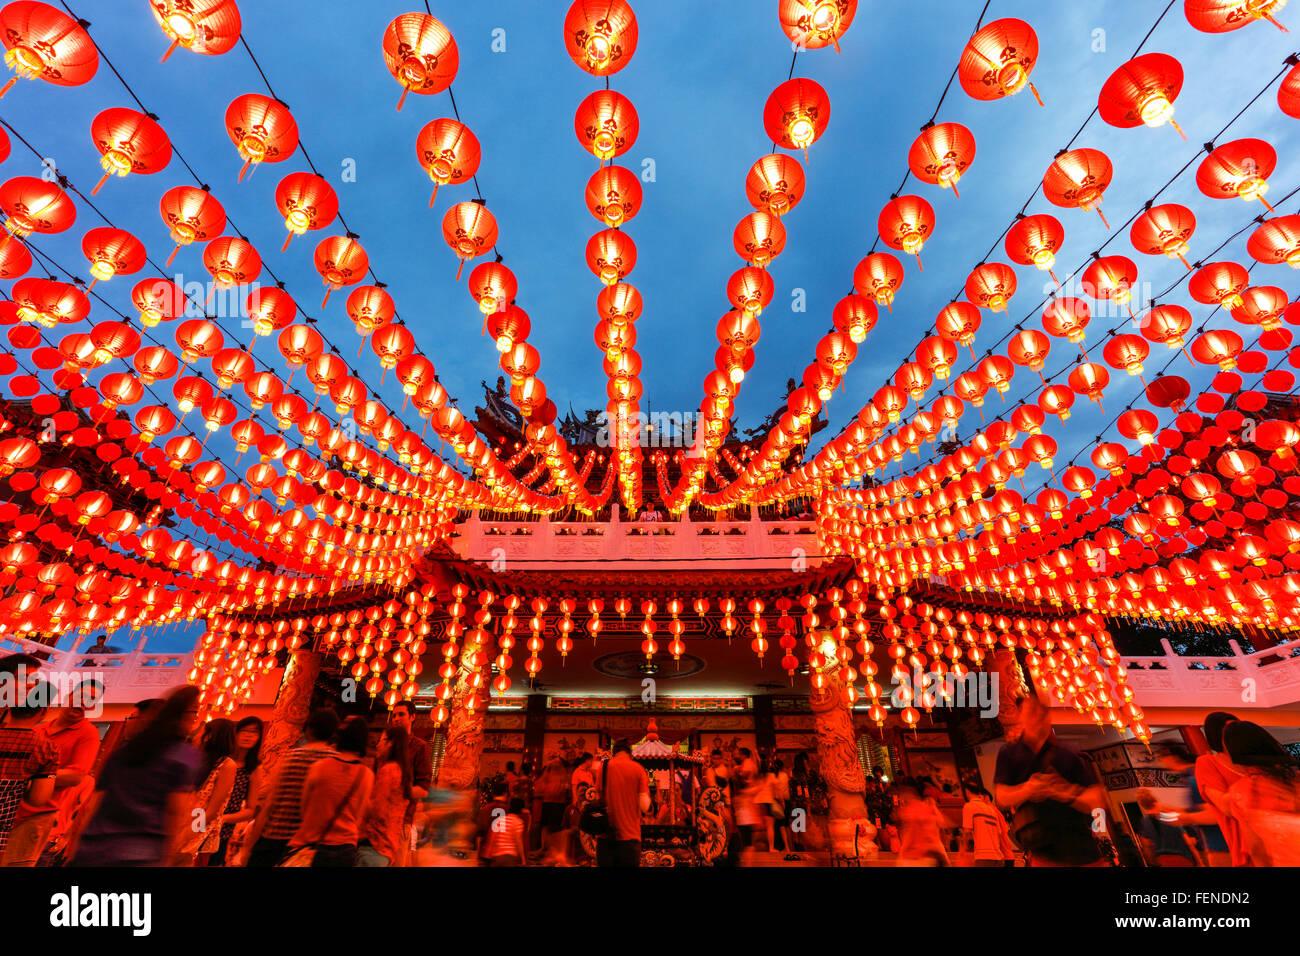 Die Laternen der Thean Hou Tempel während des chinesischen Neujahrs, Kuala Lumpur, Malaysia. Stockbild